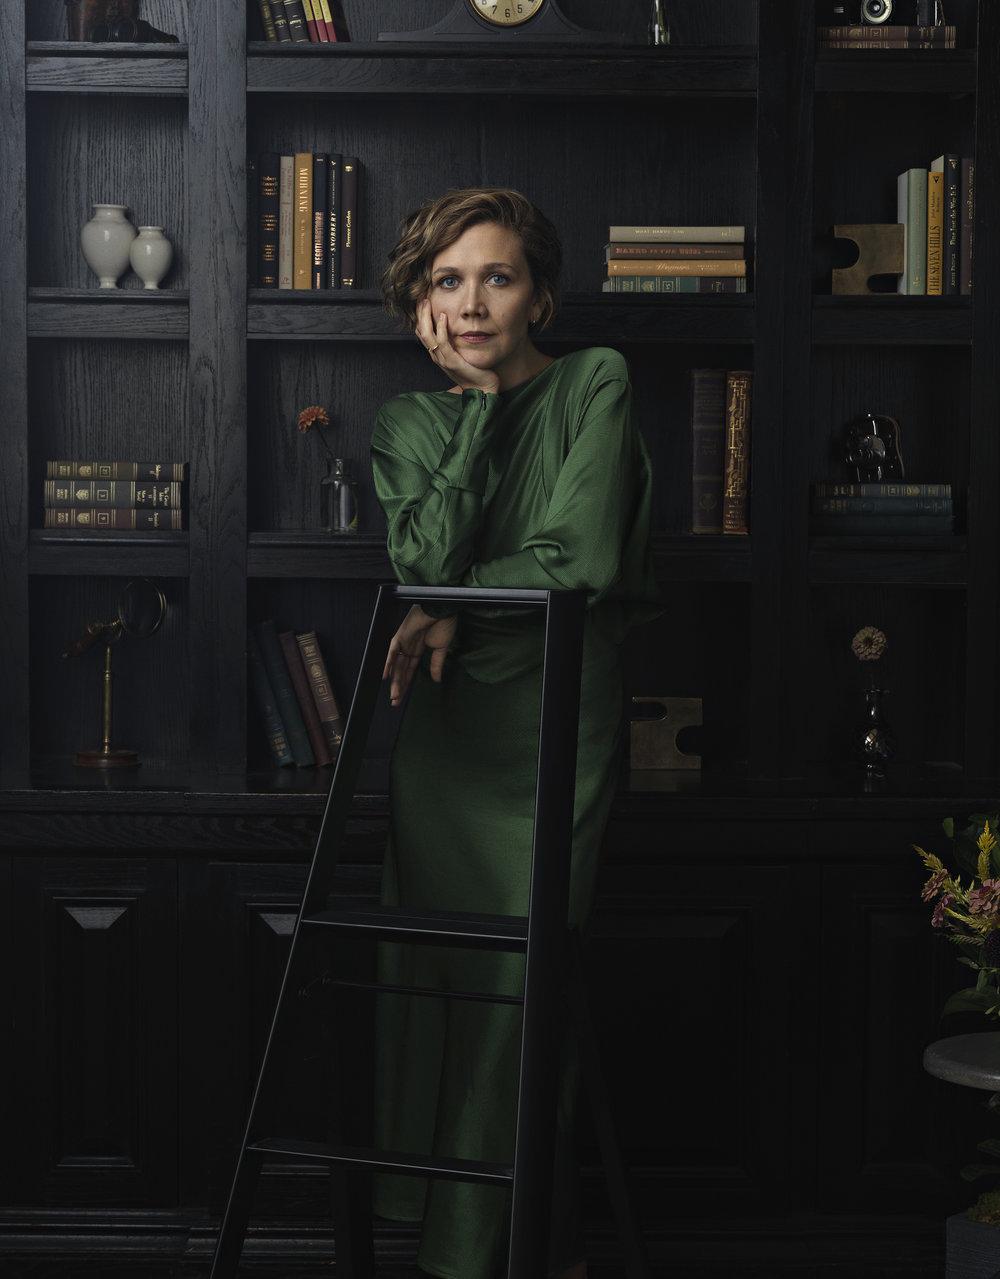 MAGGIE GYLLENHAAL | ACTOR